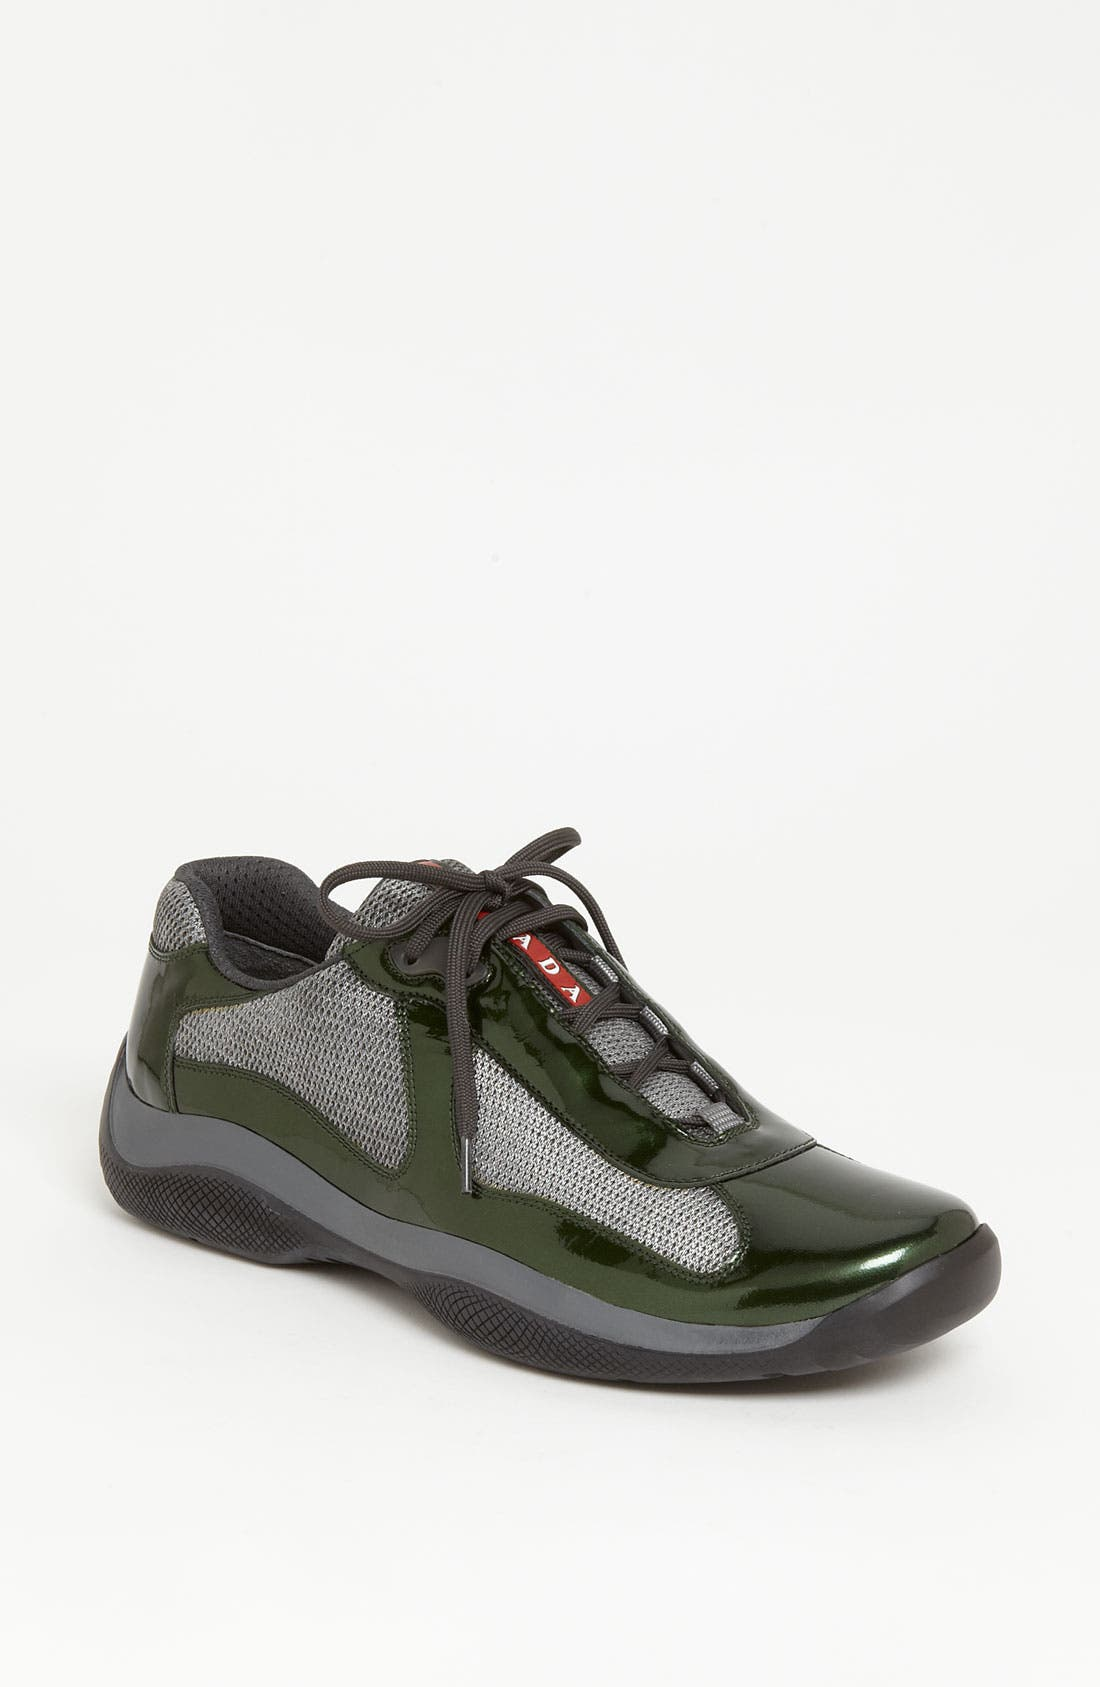 Main Image - Prada 'Punta Ala' Mesh & Leather Sneaker (Men)